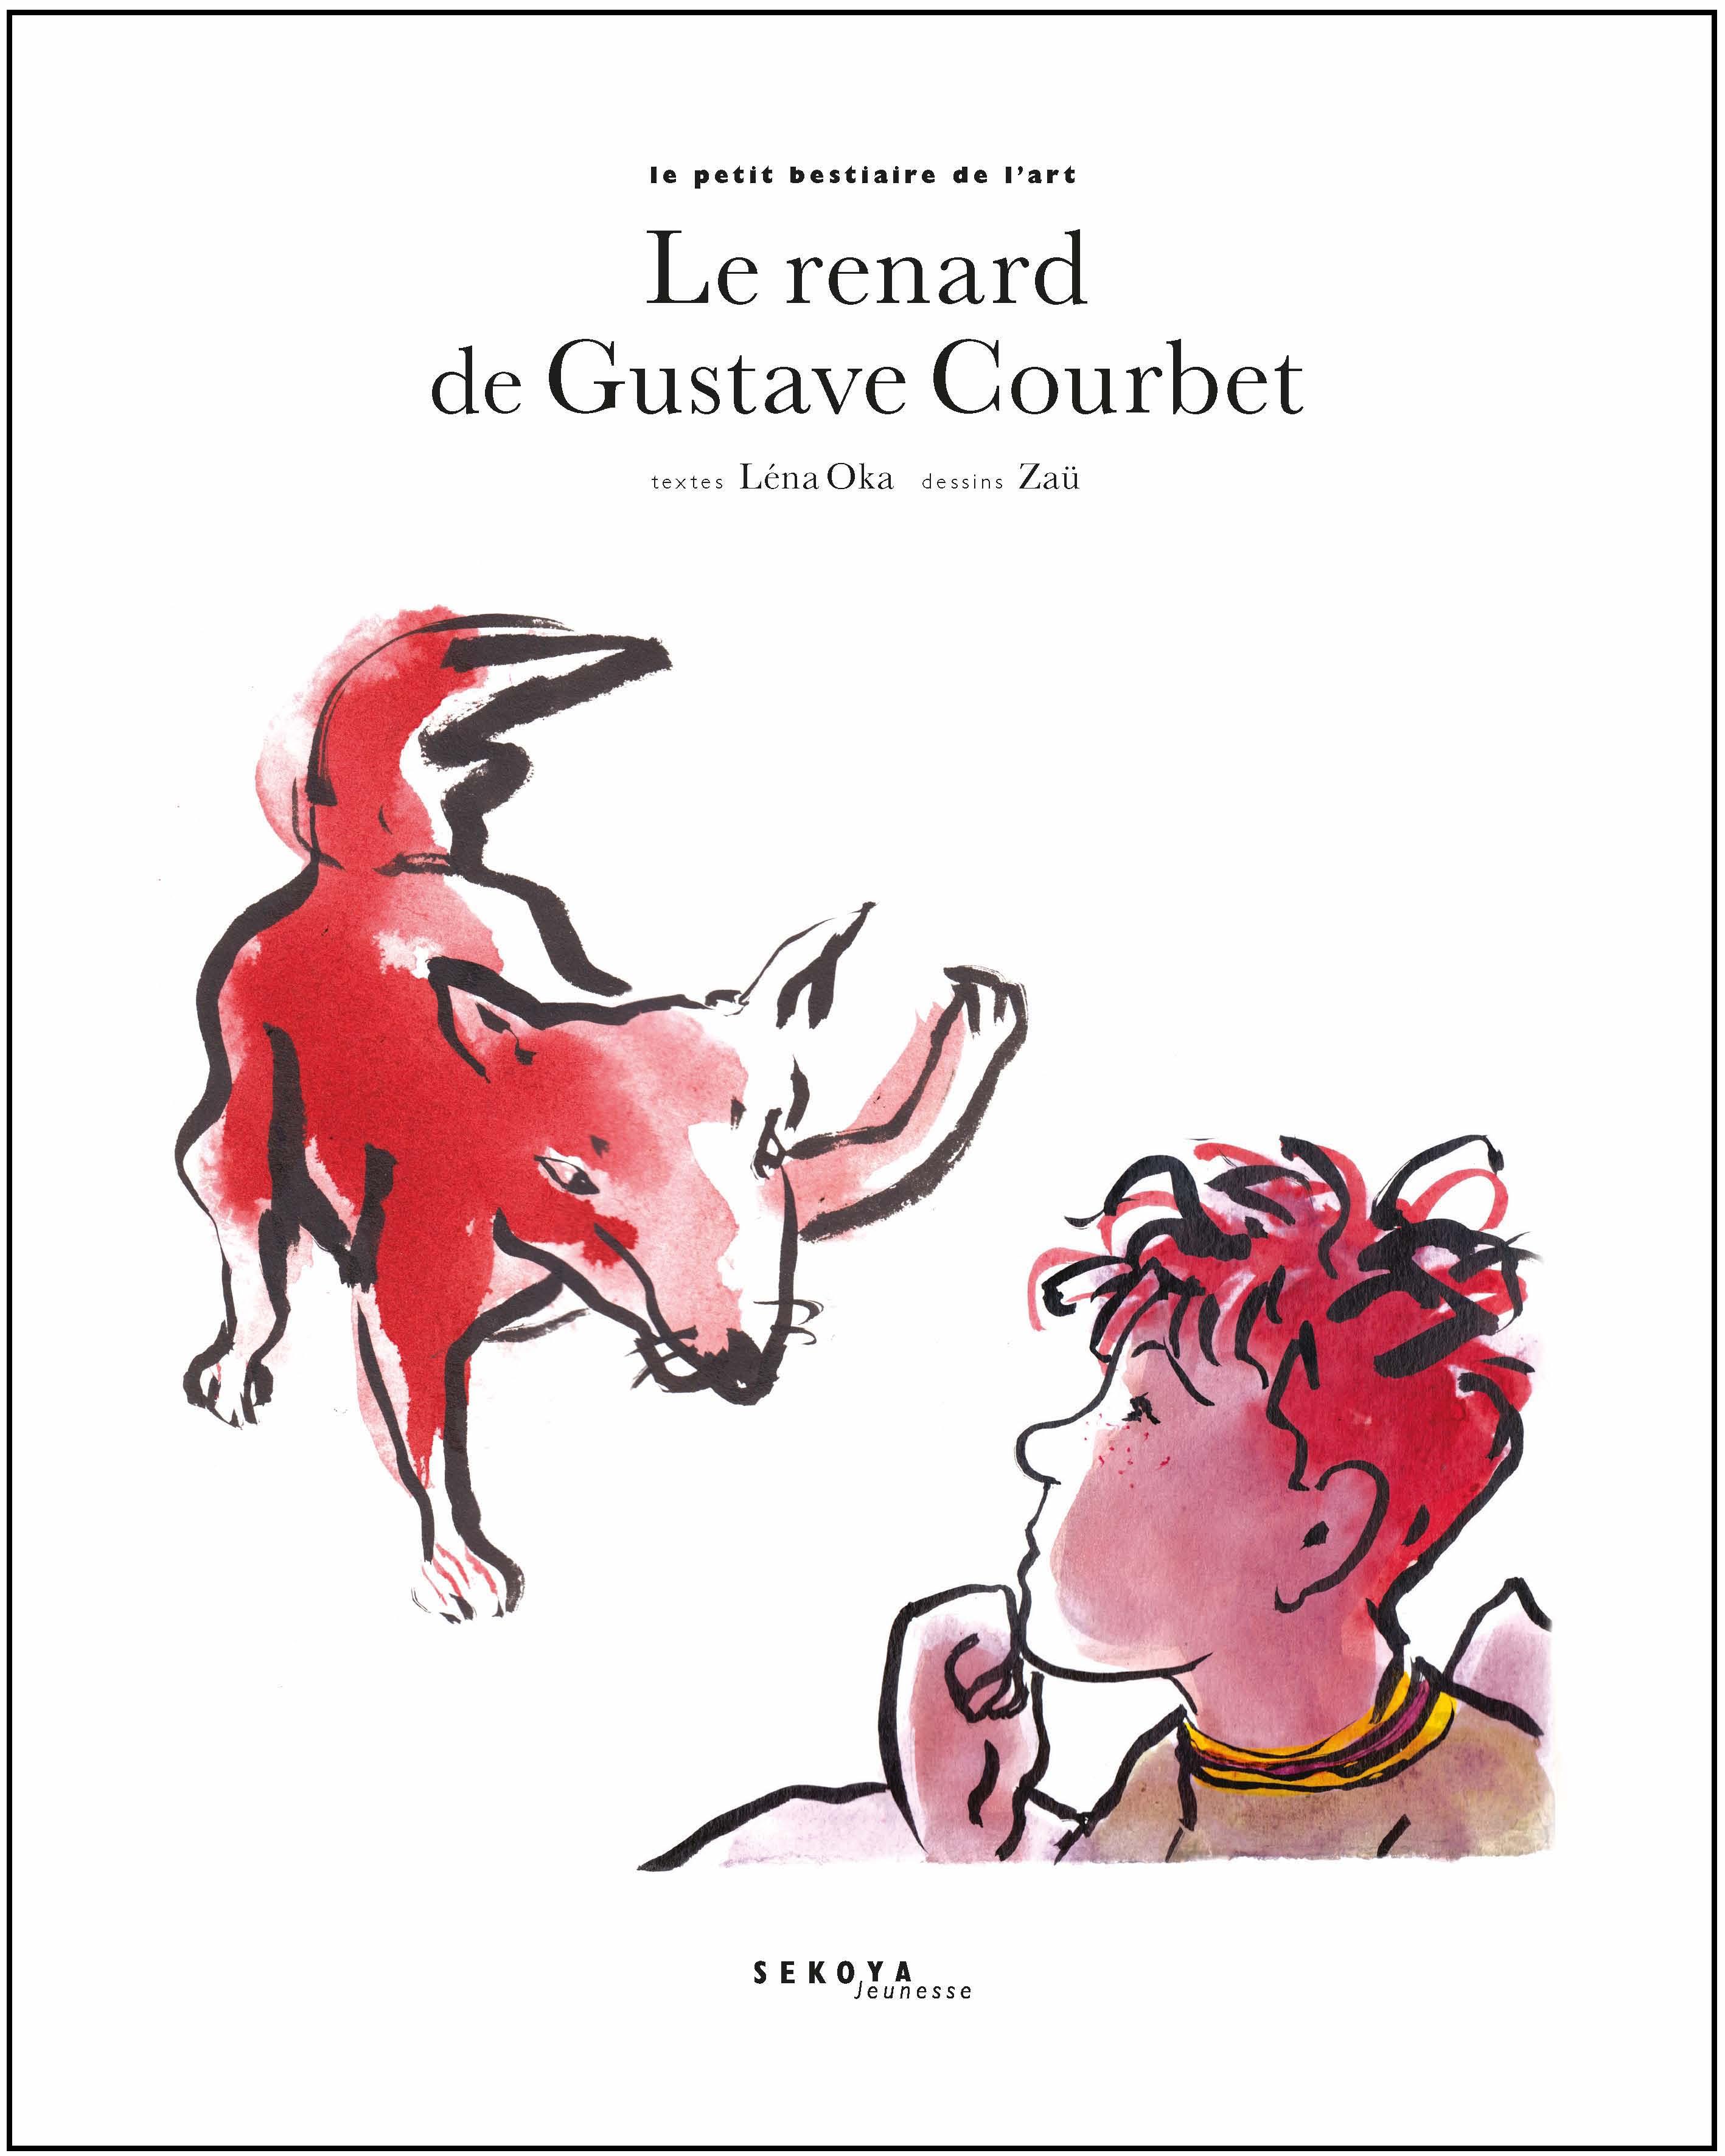 Le Jura Français N°323 Revue des Livres 2